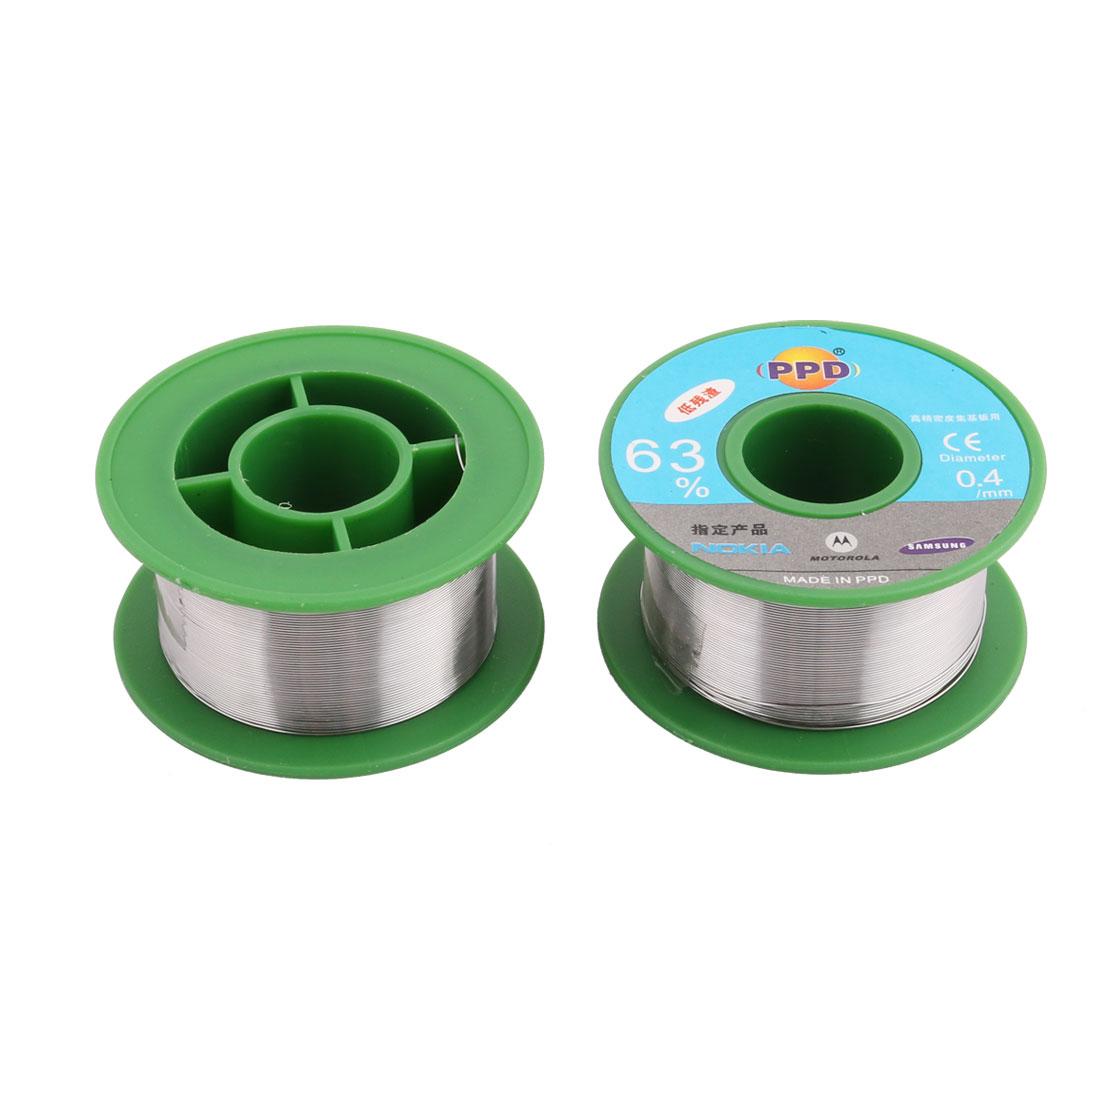 2Pcs 0.4mm Diameter 63/37 Tin  Welding Soldering Solder Wire Rosin Core Reel